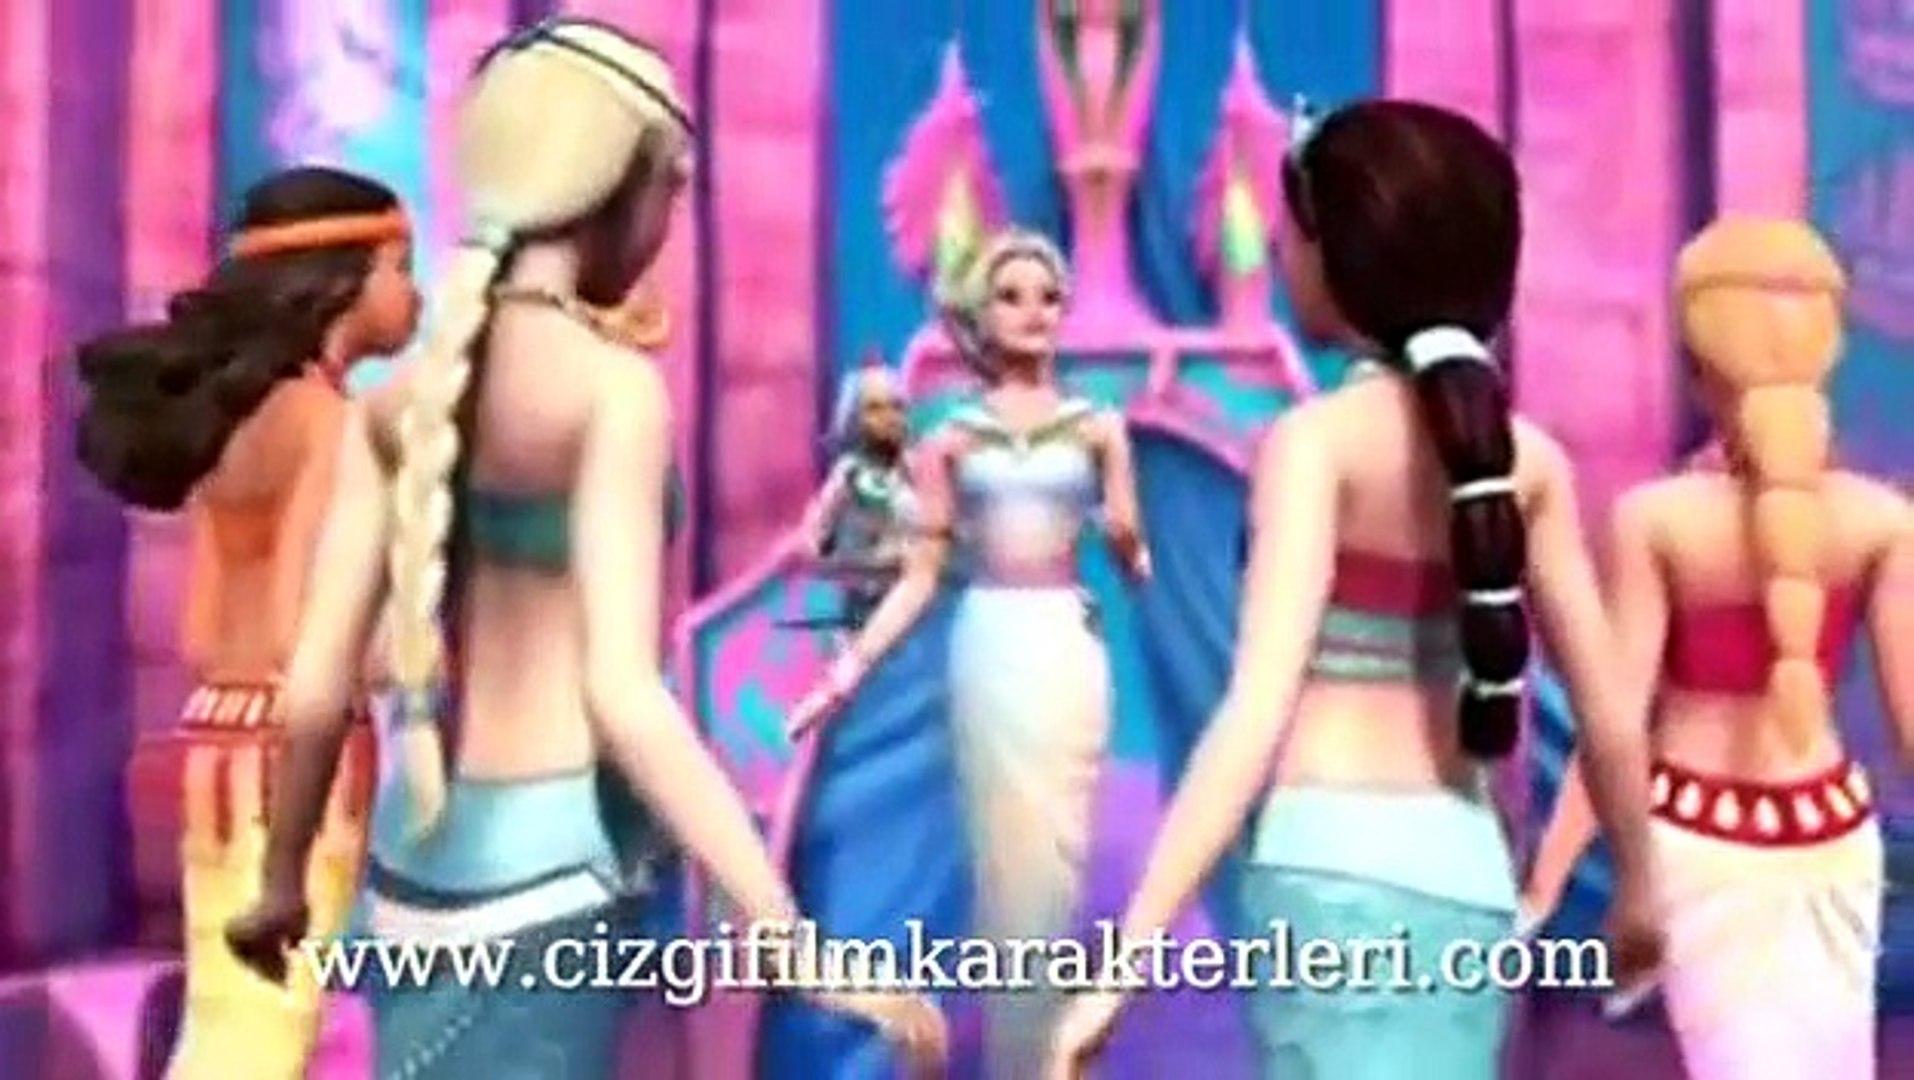 Barbie 7. bölüm izle - Barbie Denizkızı Hikayesi Çizgi Filmi İzle - Çizgi Film Karakterleri İzle